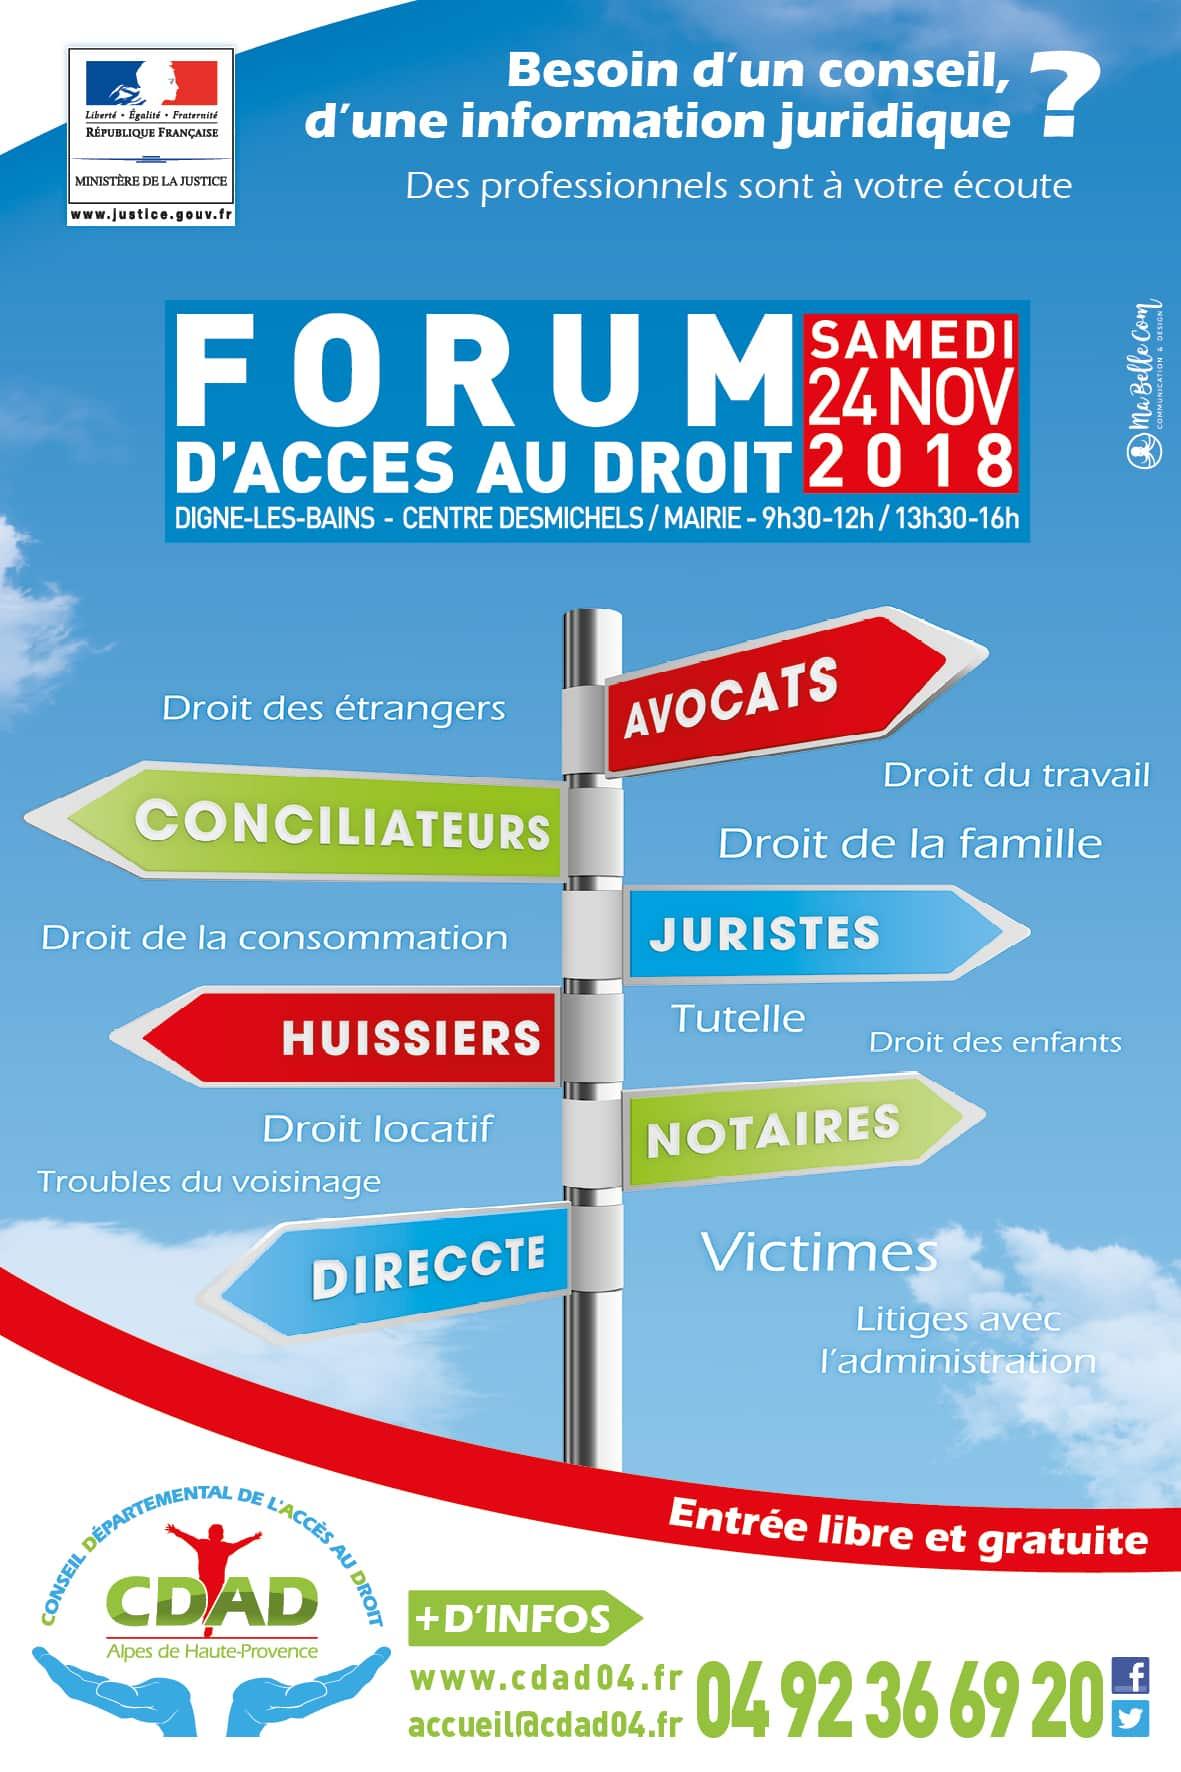 Affiche Forum d'Accès aux Droits